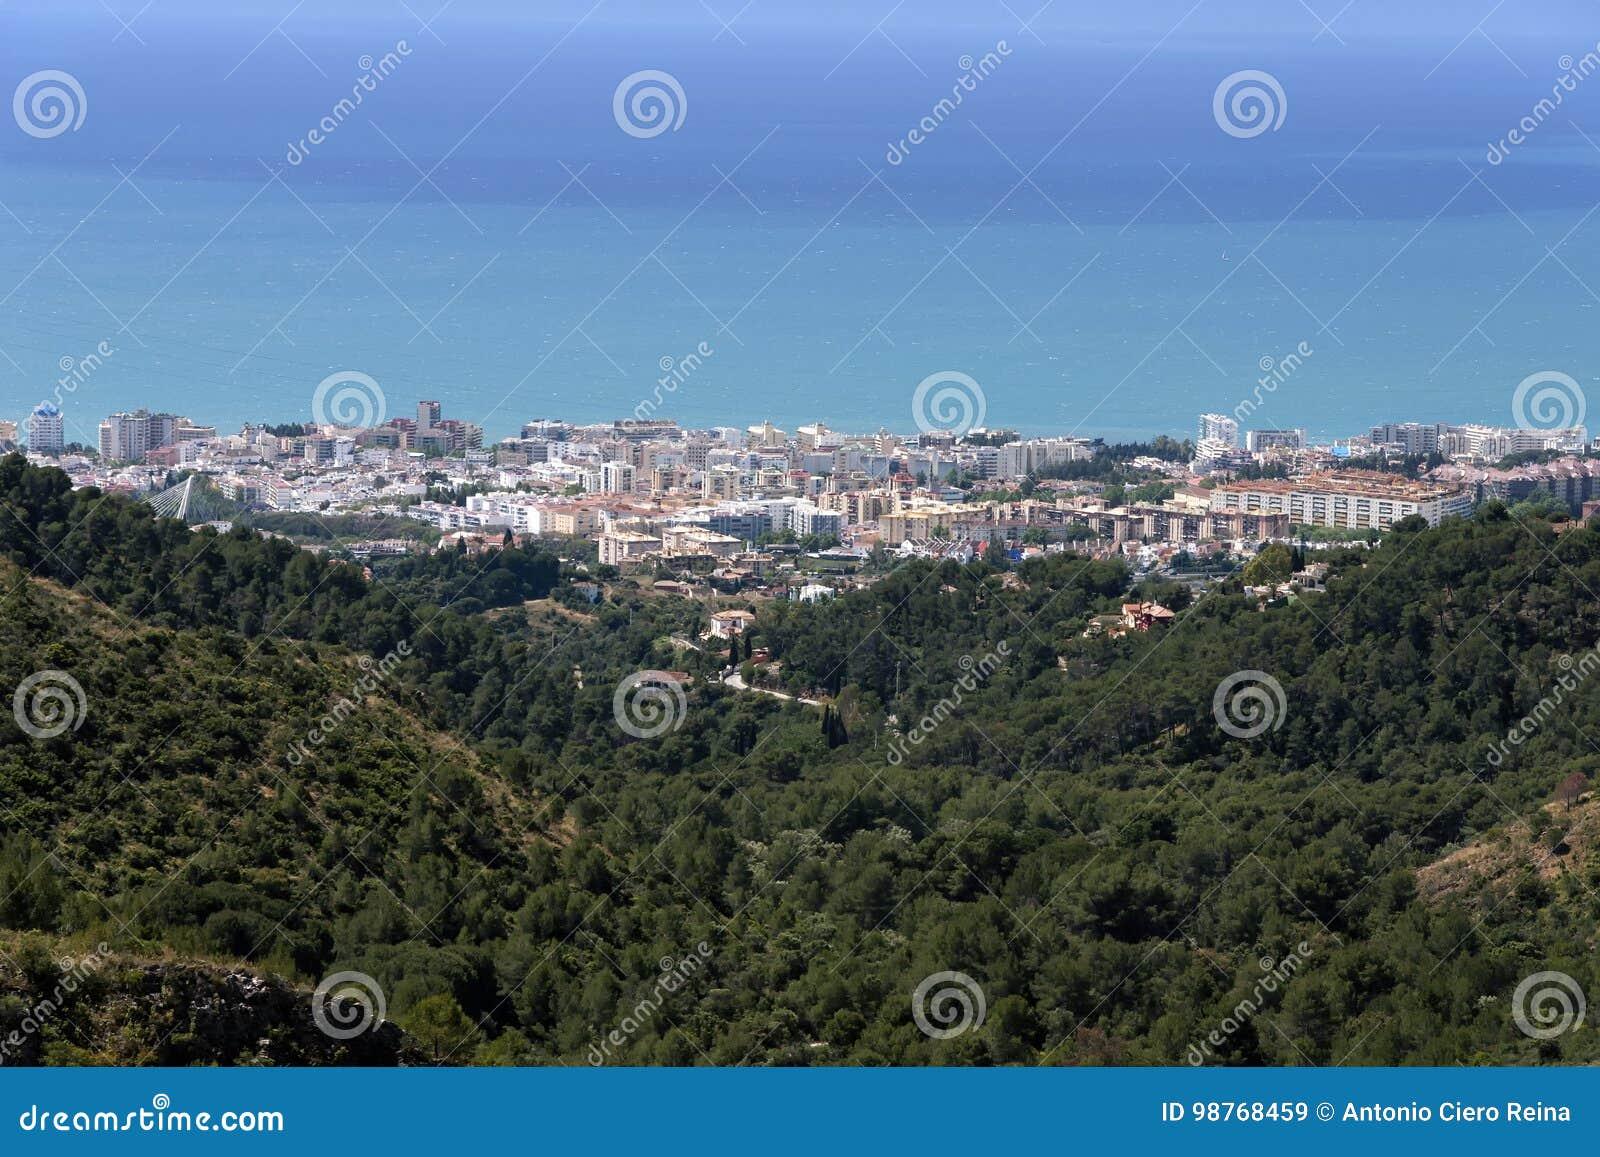 Lugares de vacaciones en España, Marbella